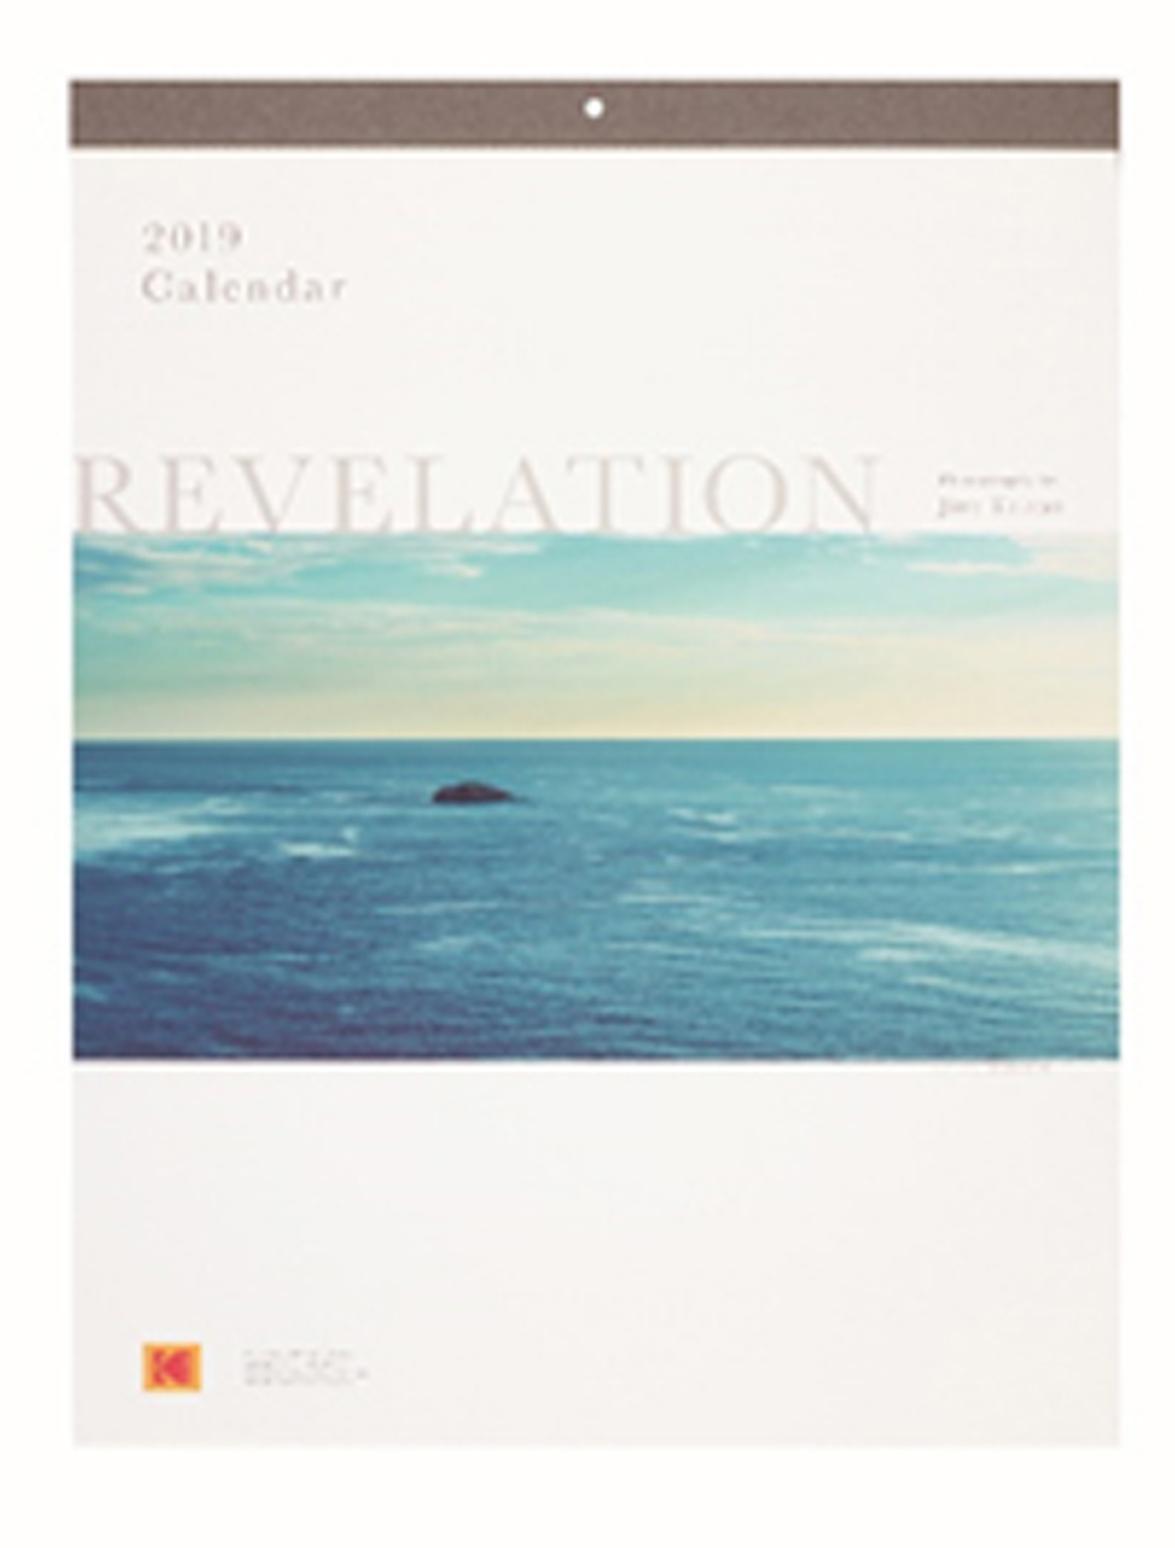 カレンダー「REVELATION Vol.2」